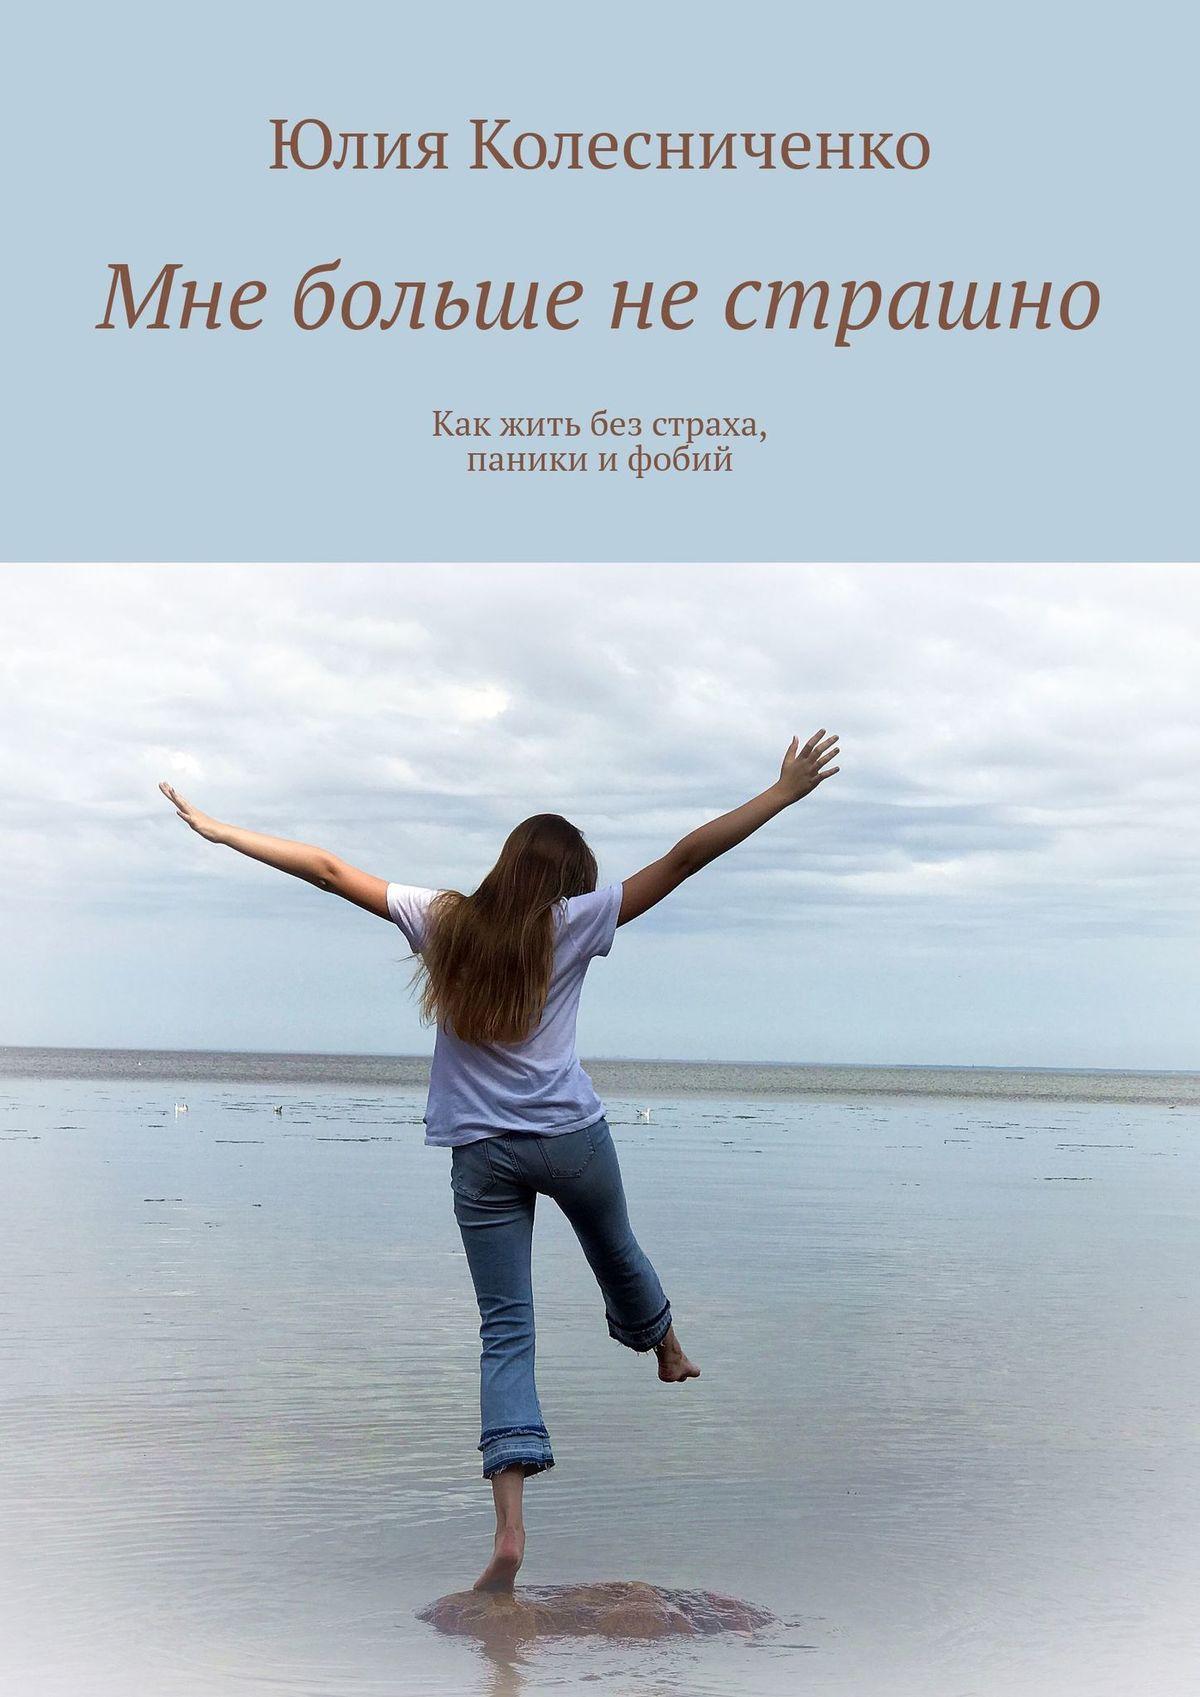 Юлия Колесниченко Мне больше нестрашно. Как жить без страха, паникиифобий дарья донцова я очень хочу жить мой личный опыт